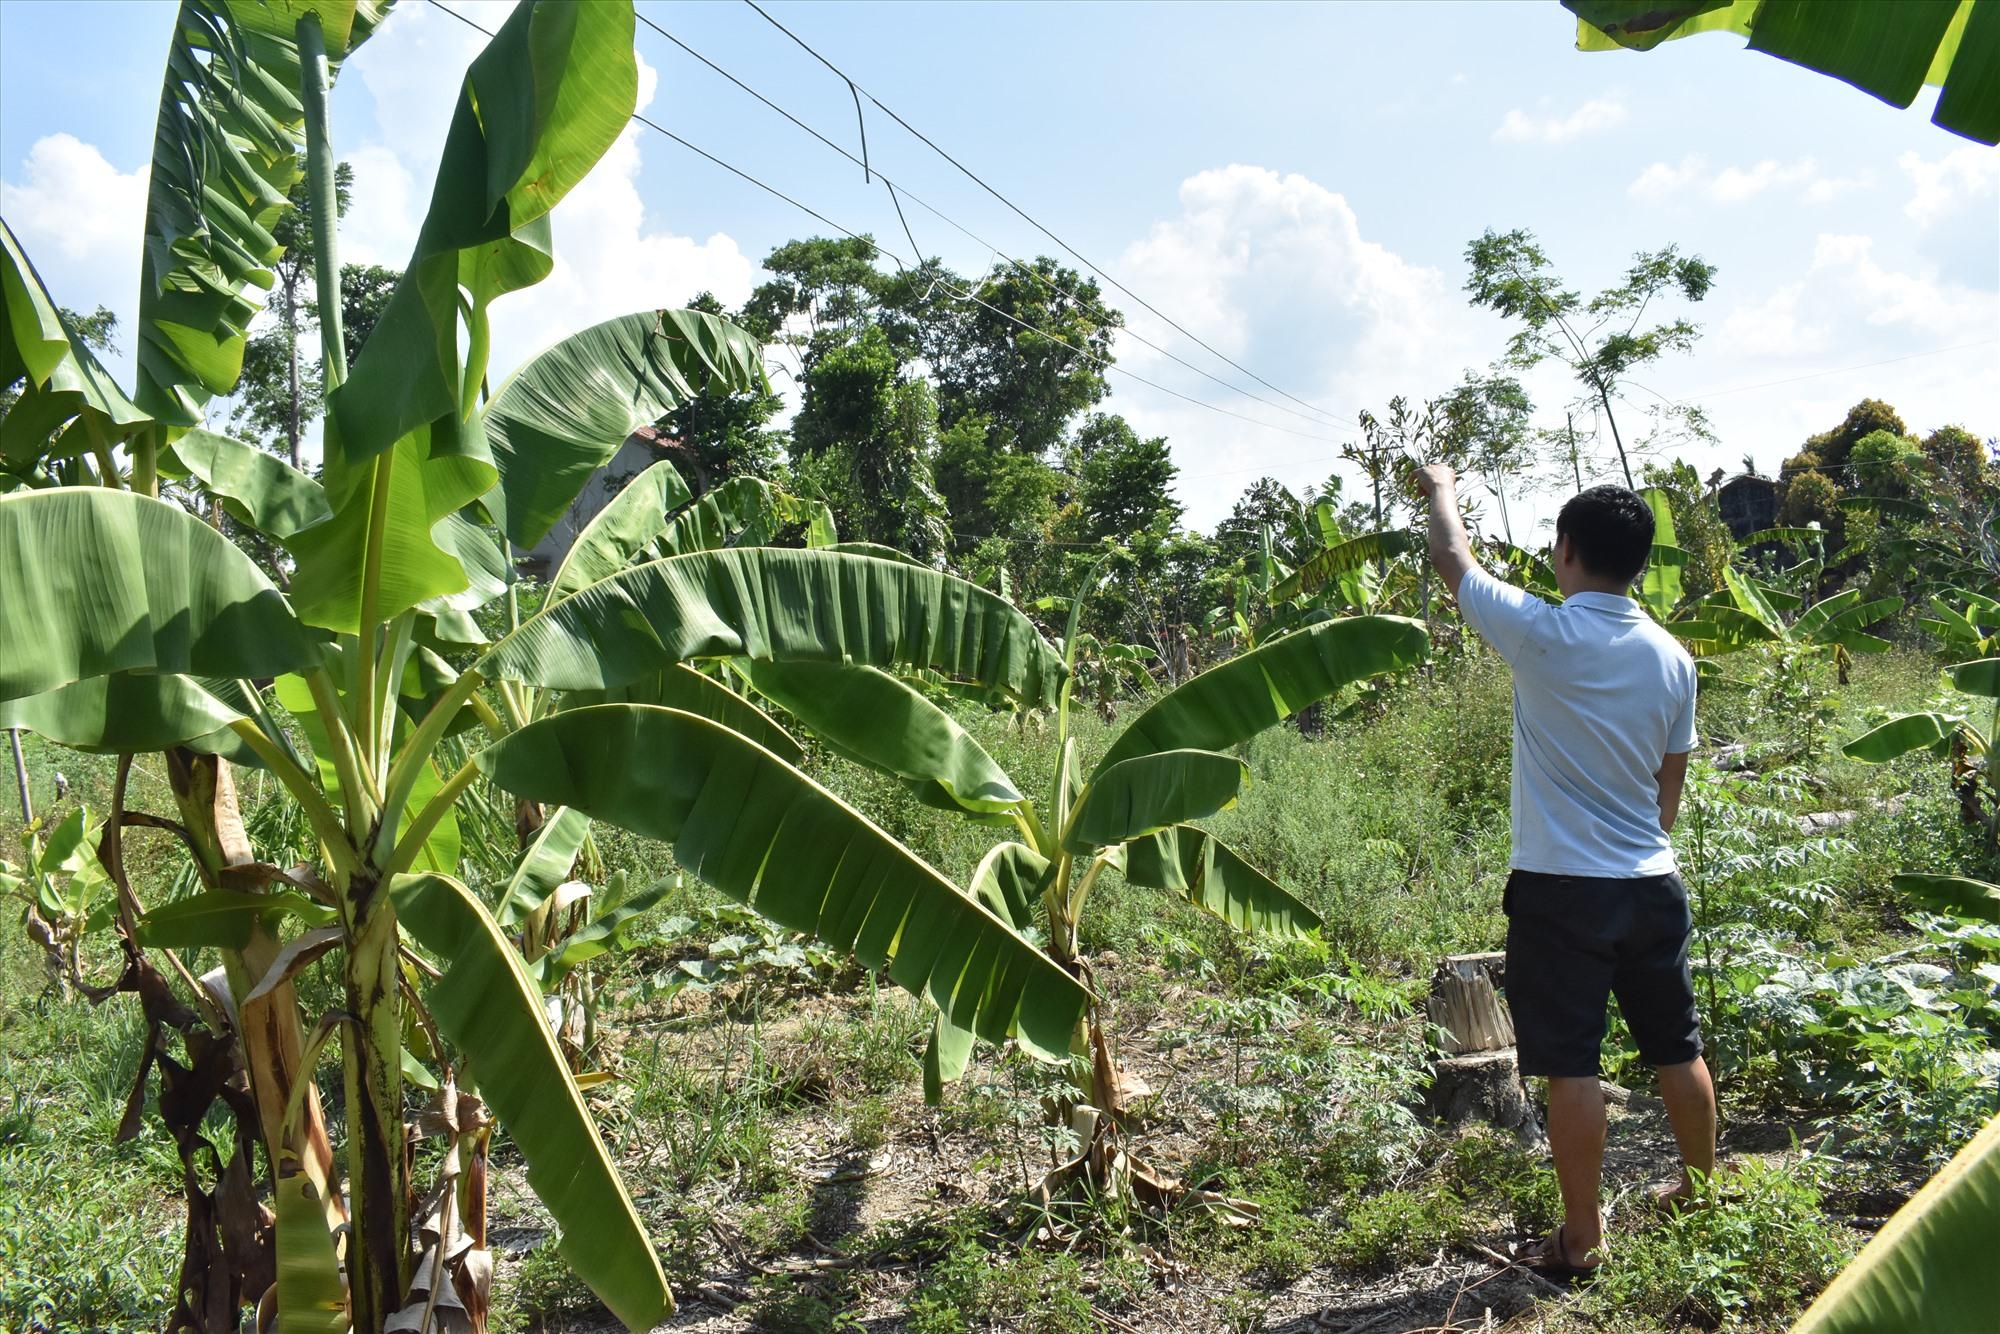 Đường dây diện đi ngang qua khu đất gia đình ông Mai Tấn Hùng. Ảnh: V.LỘC